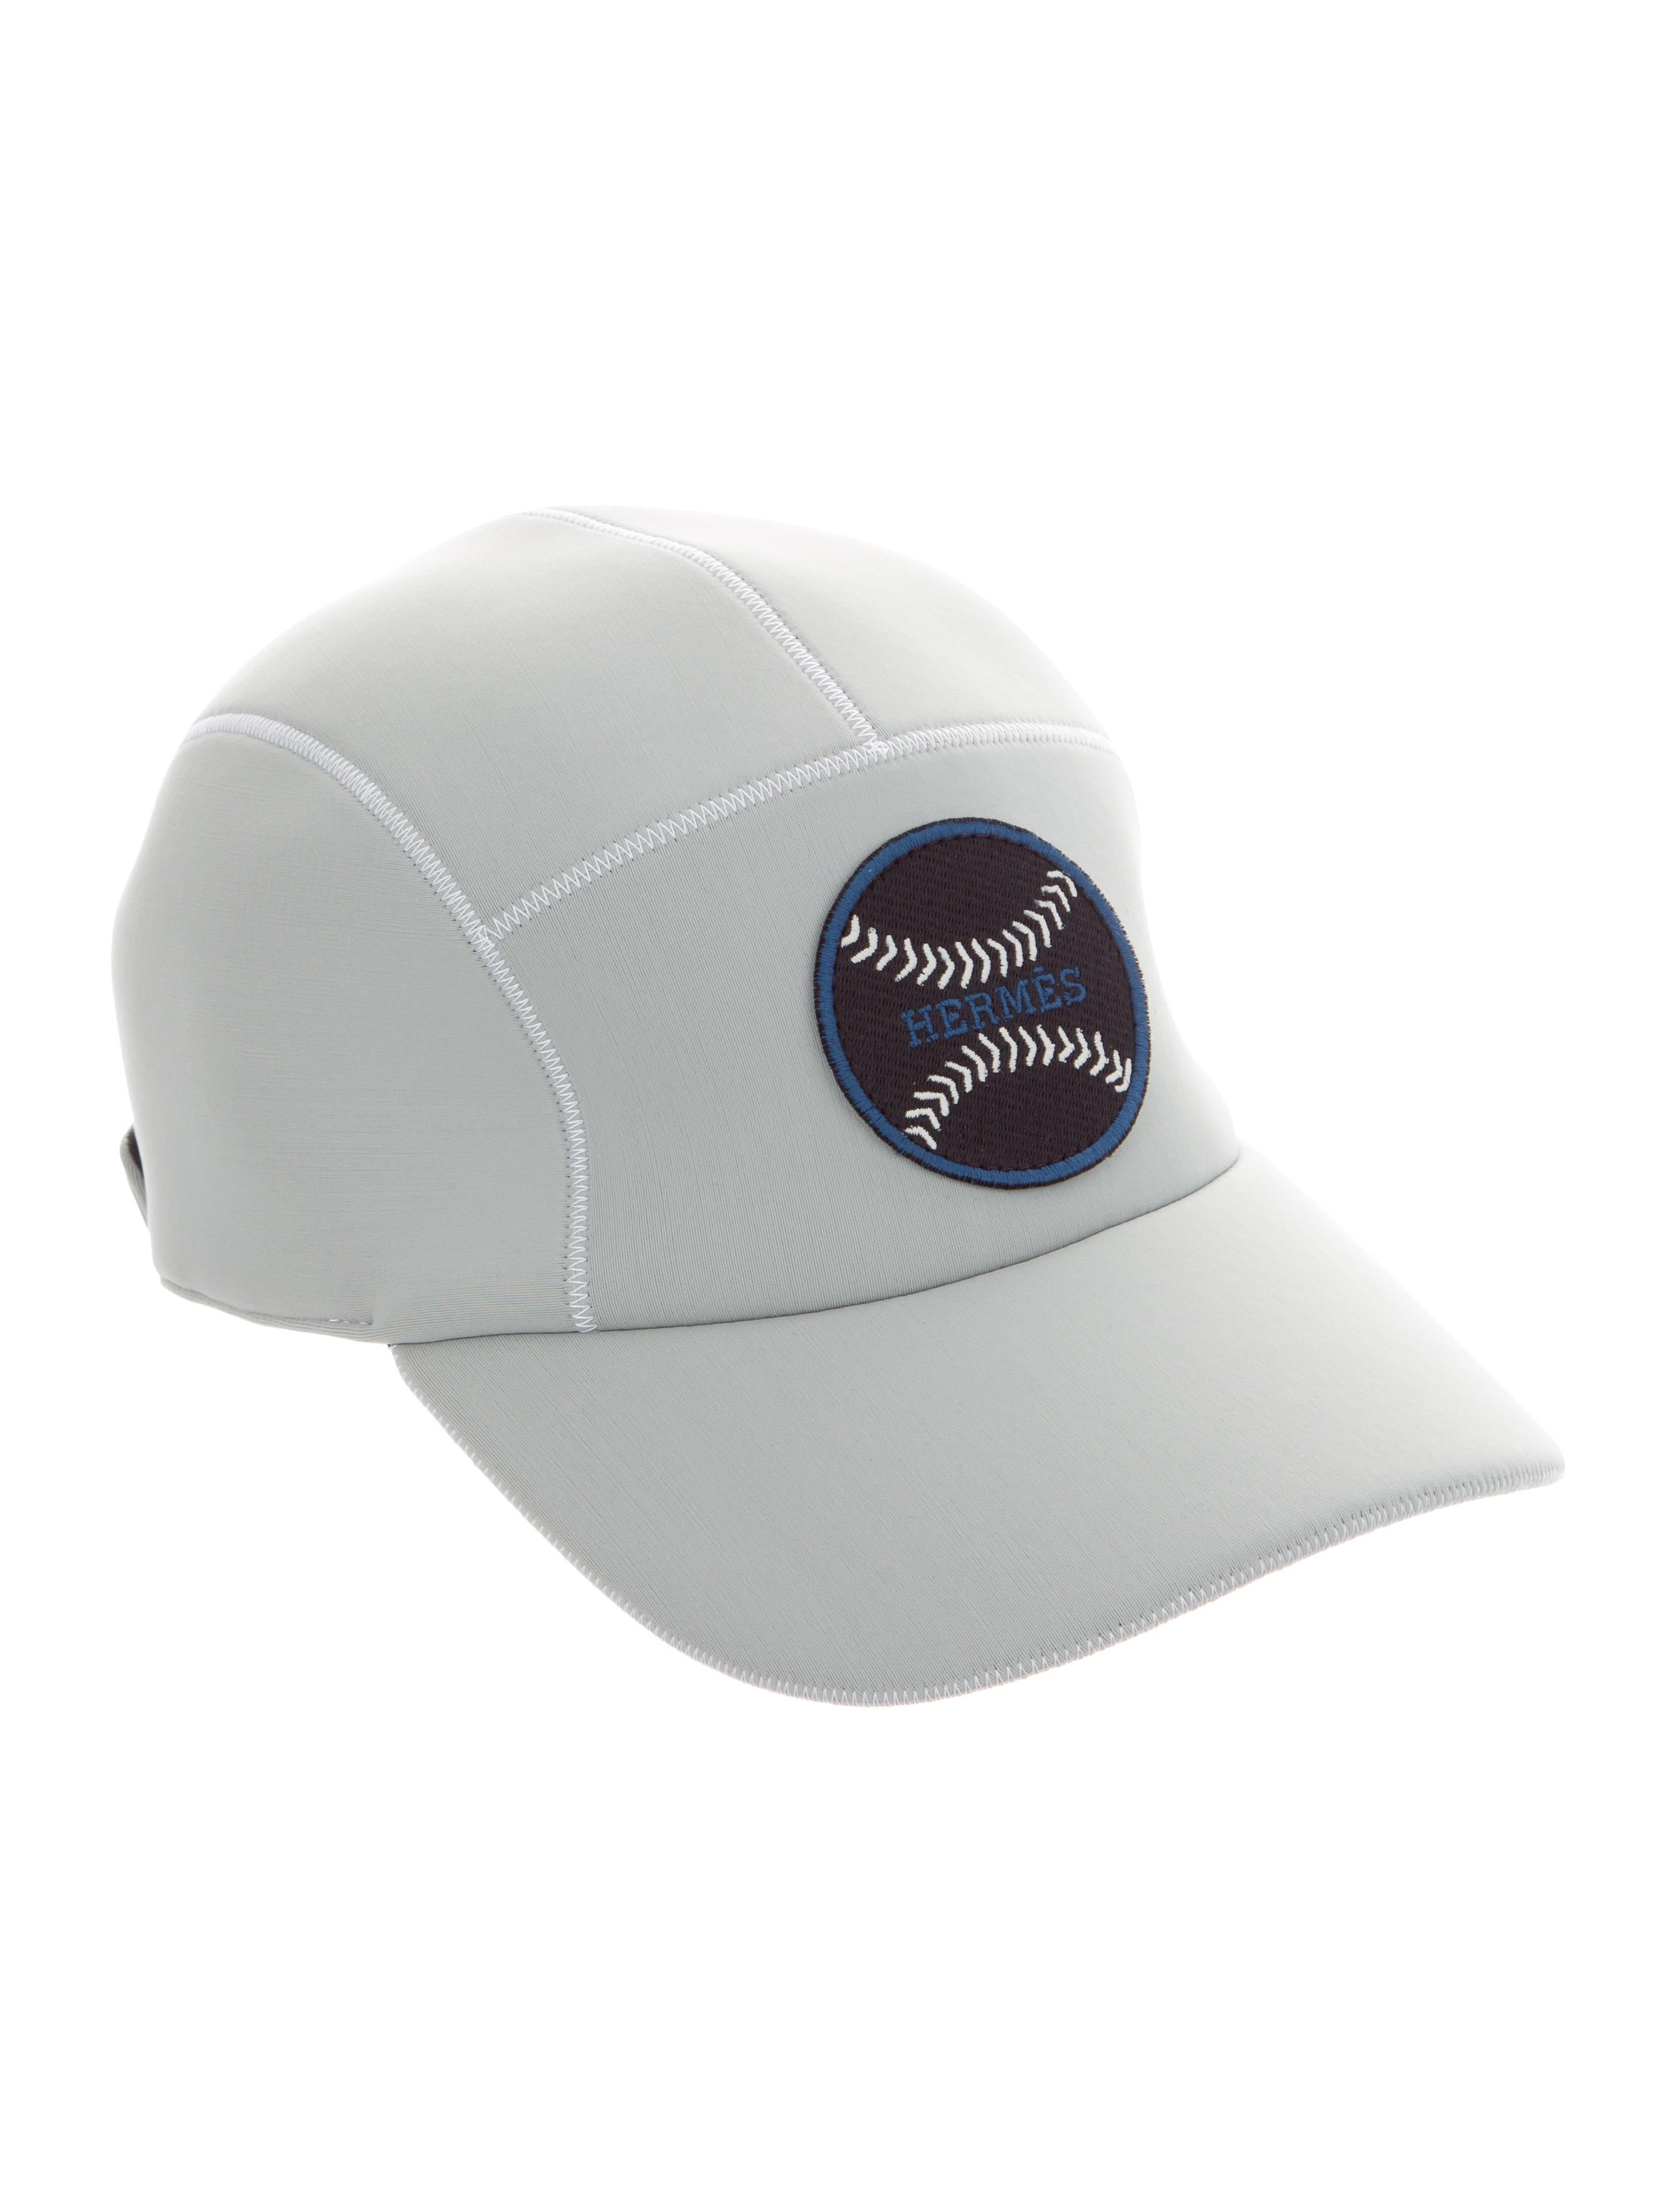 Hermès Nevada Neoprene Cap - Accessories - HER122345  01199b4e036